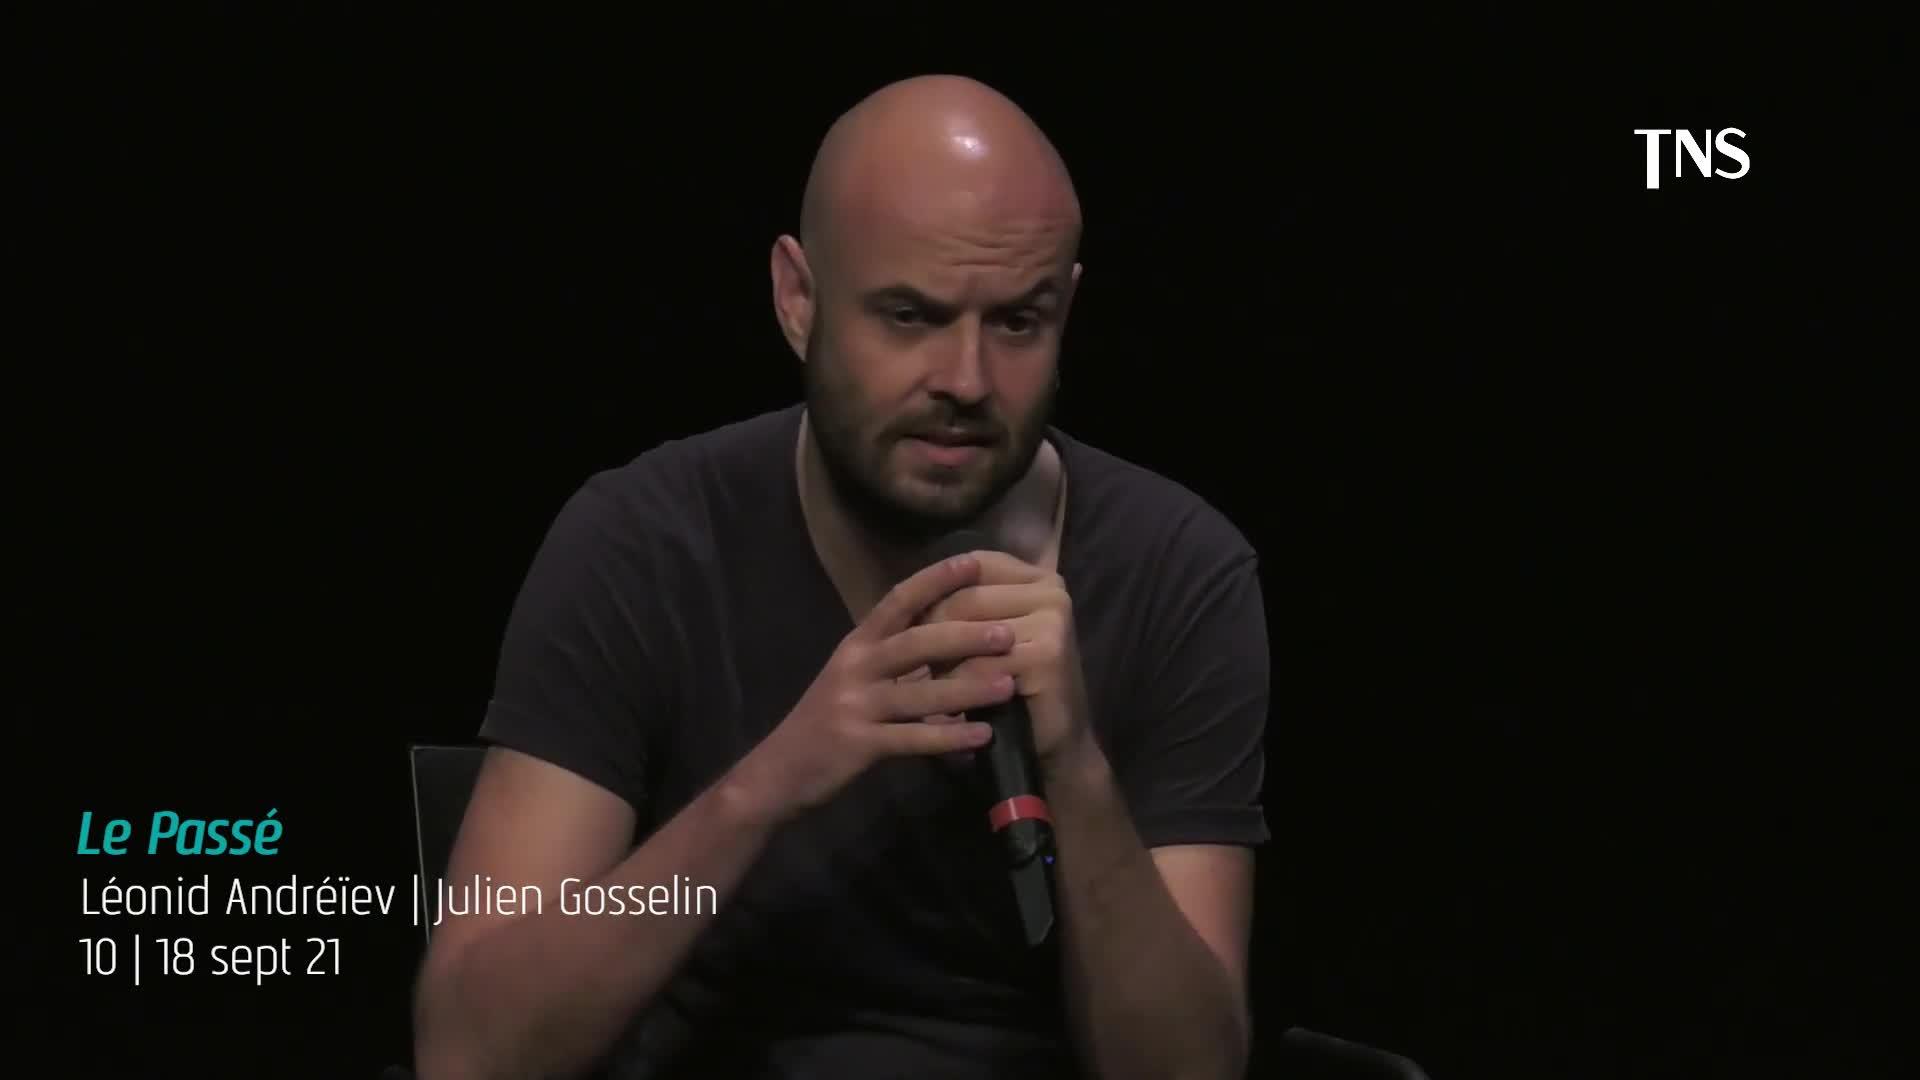 """Vidéo """"Le Passé"""" - Léonid Andréïev/Julien Gosselin - Présentation par Julien Gosselin"""